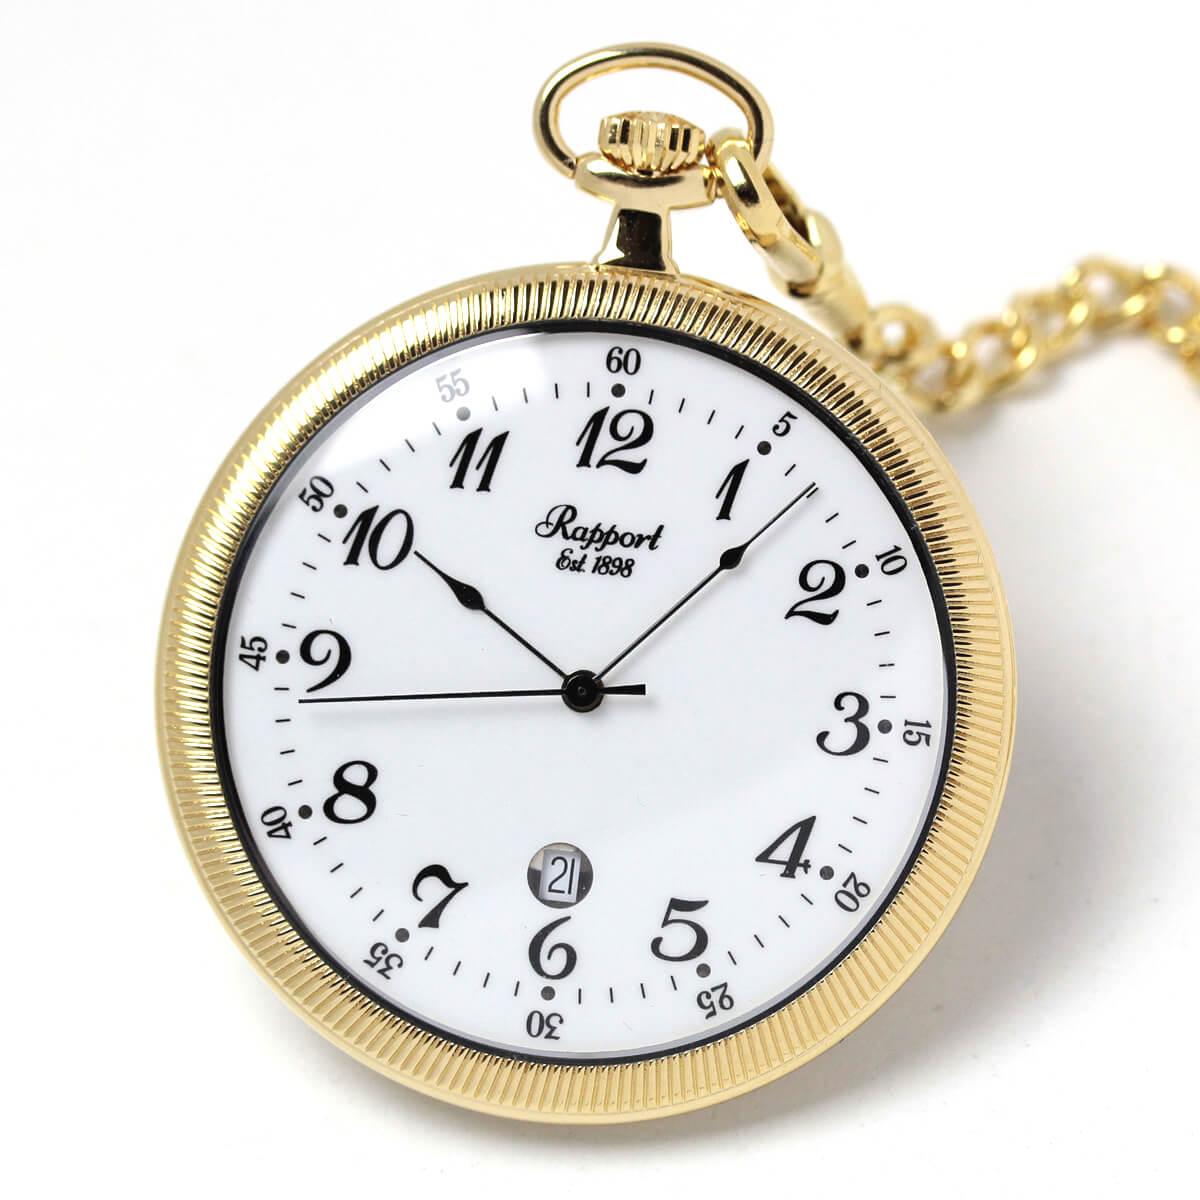 イギリスブランド rapport(ラポート) 懐中時計 pw32 ゴールドカラーのオープンフェイスモデル